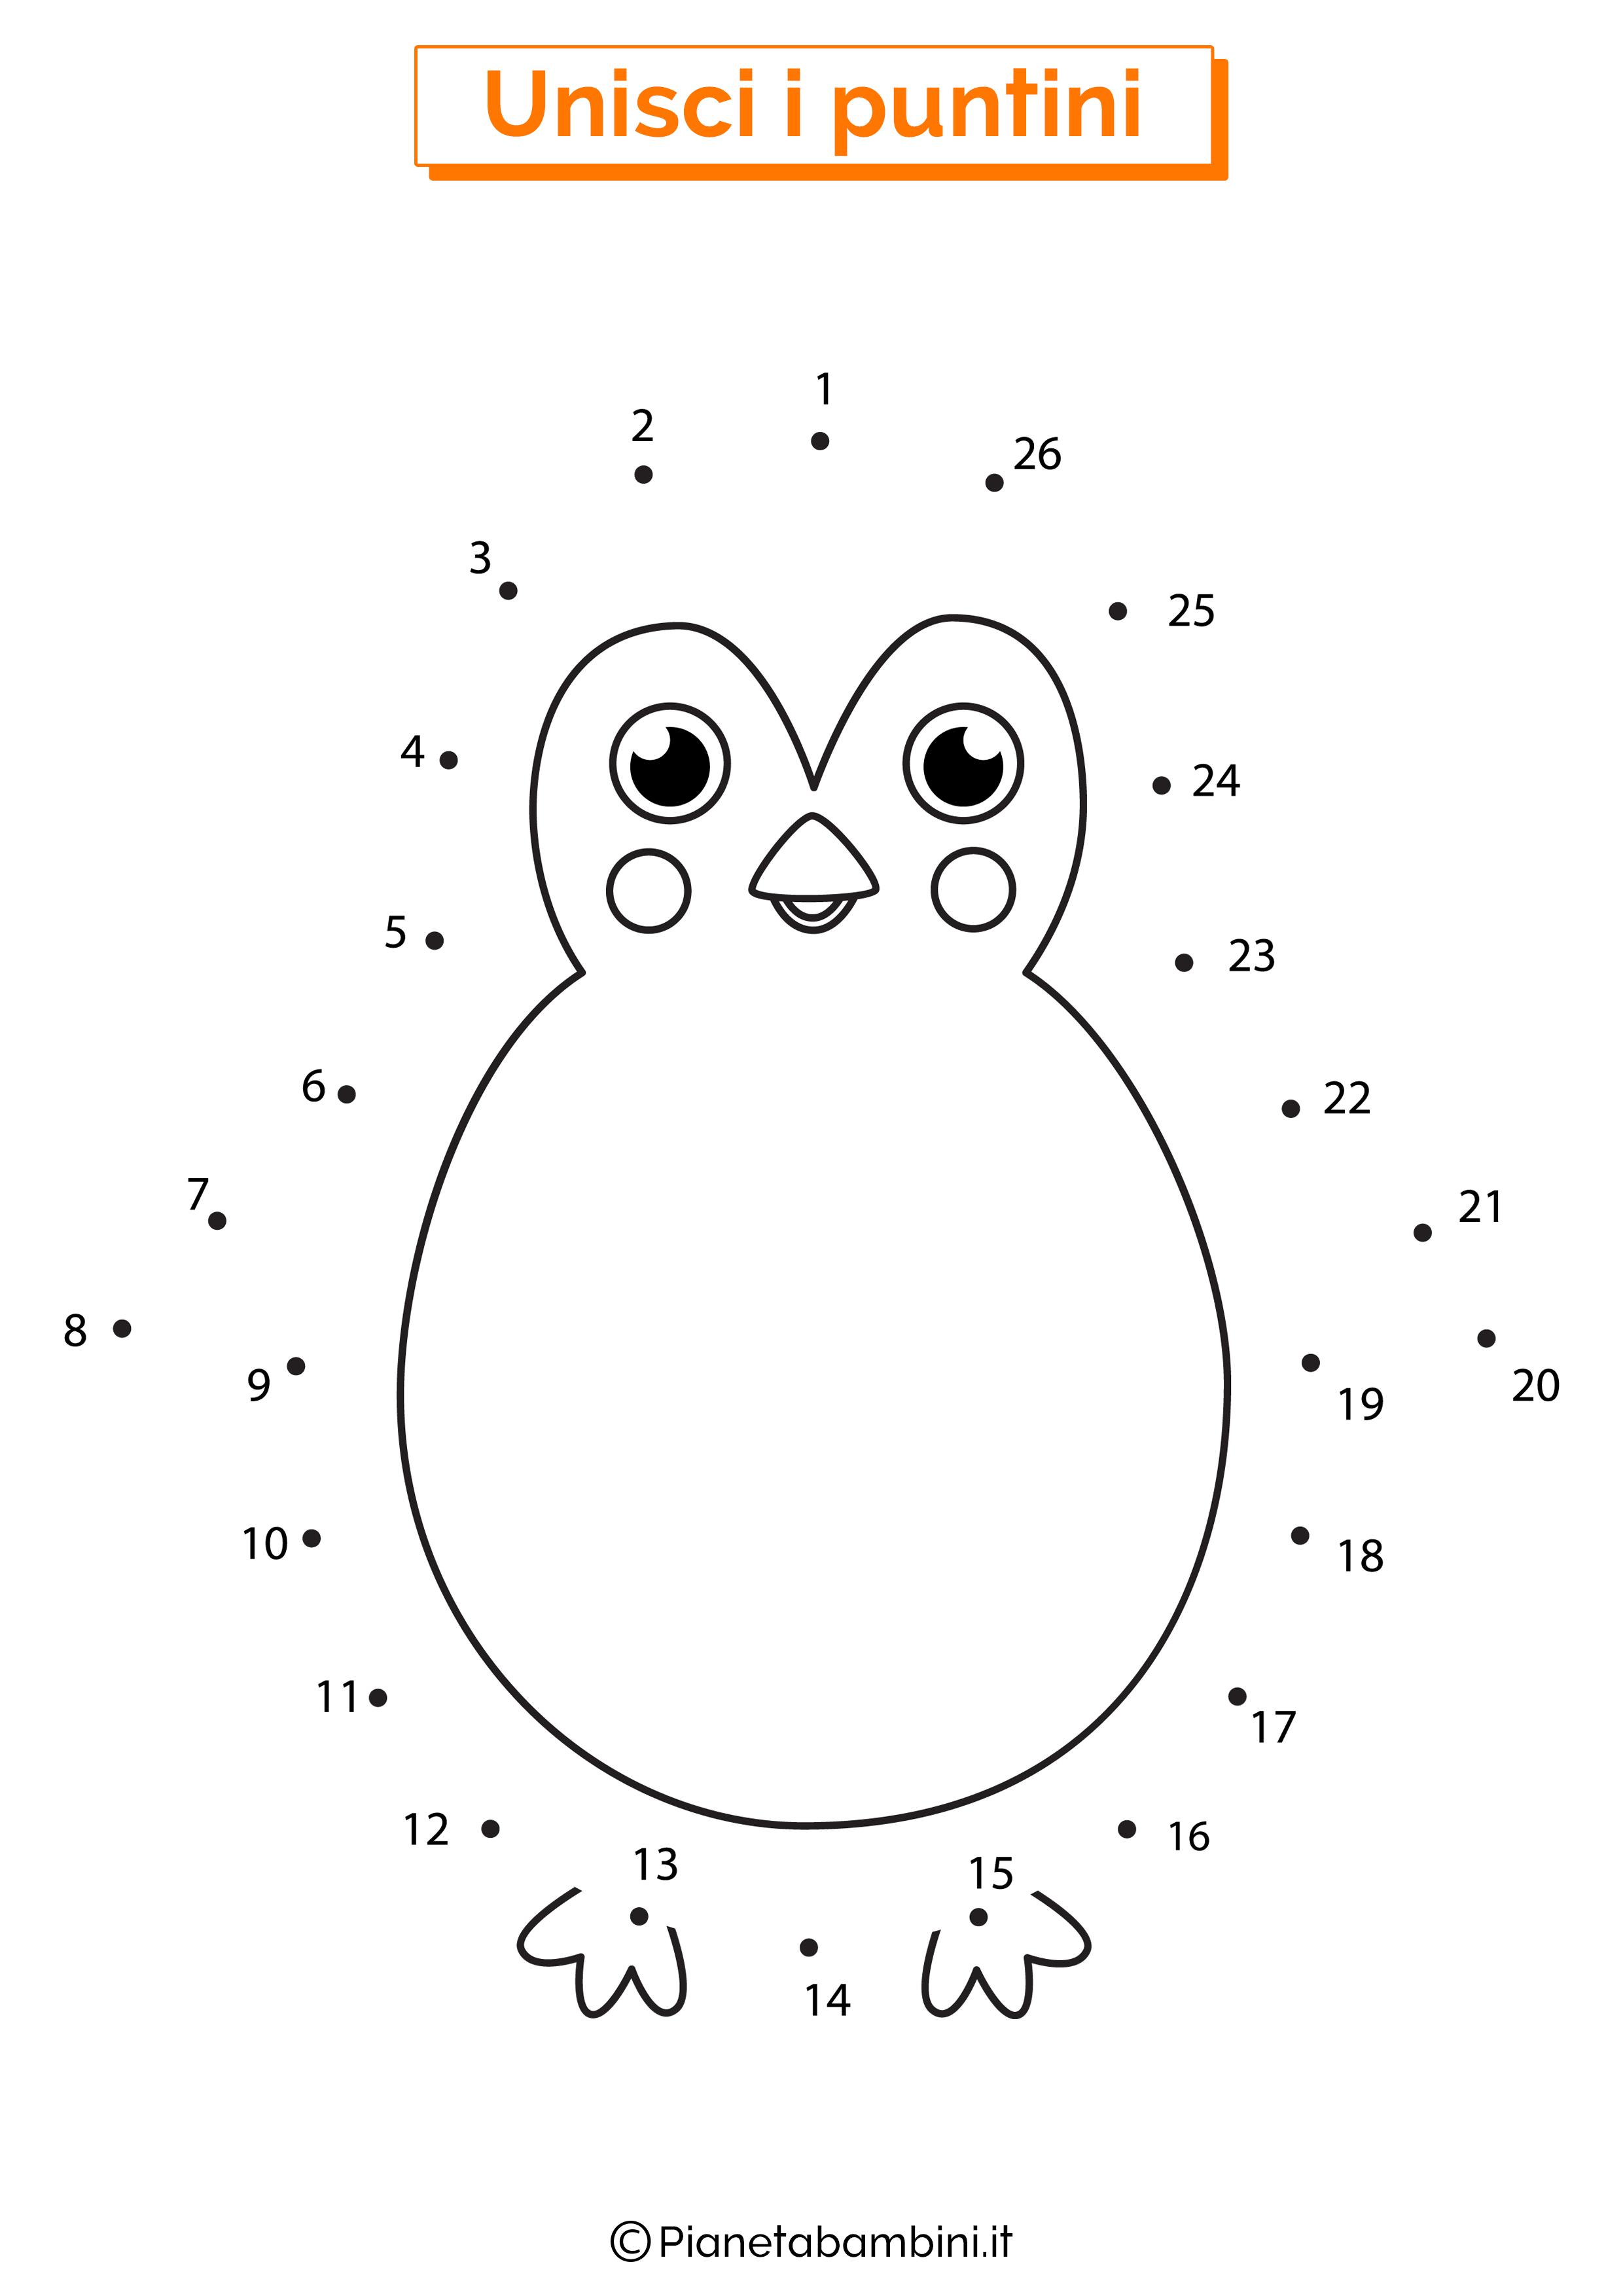 Disegno unisci i puntini pinguino